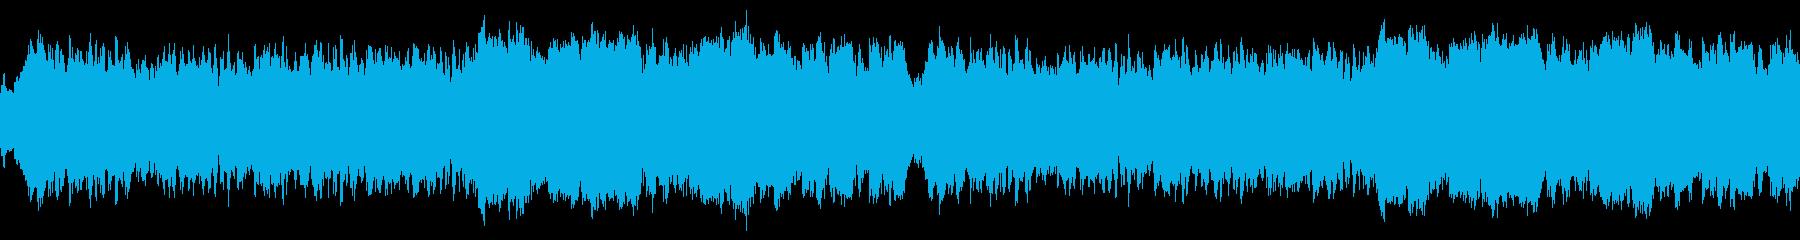 幻想的で落ち着いたアンビエント ループの再生済みの波形